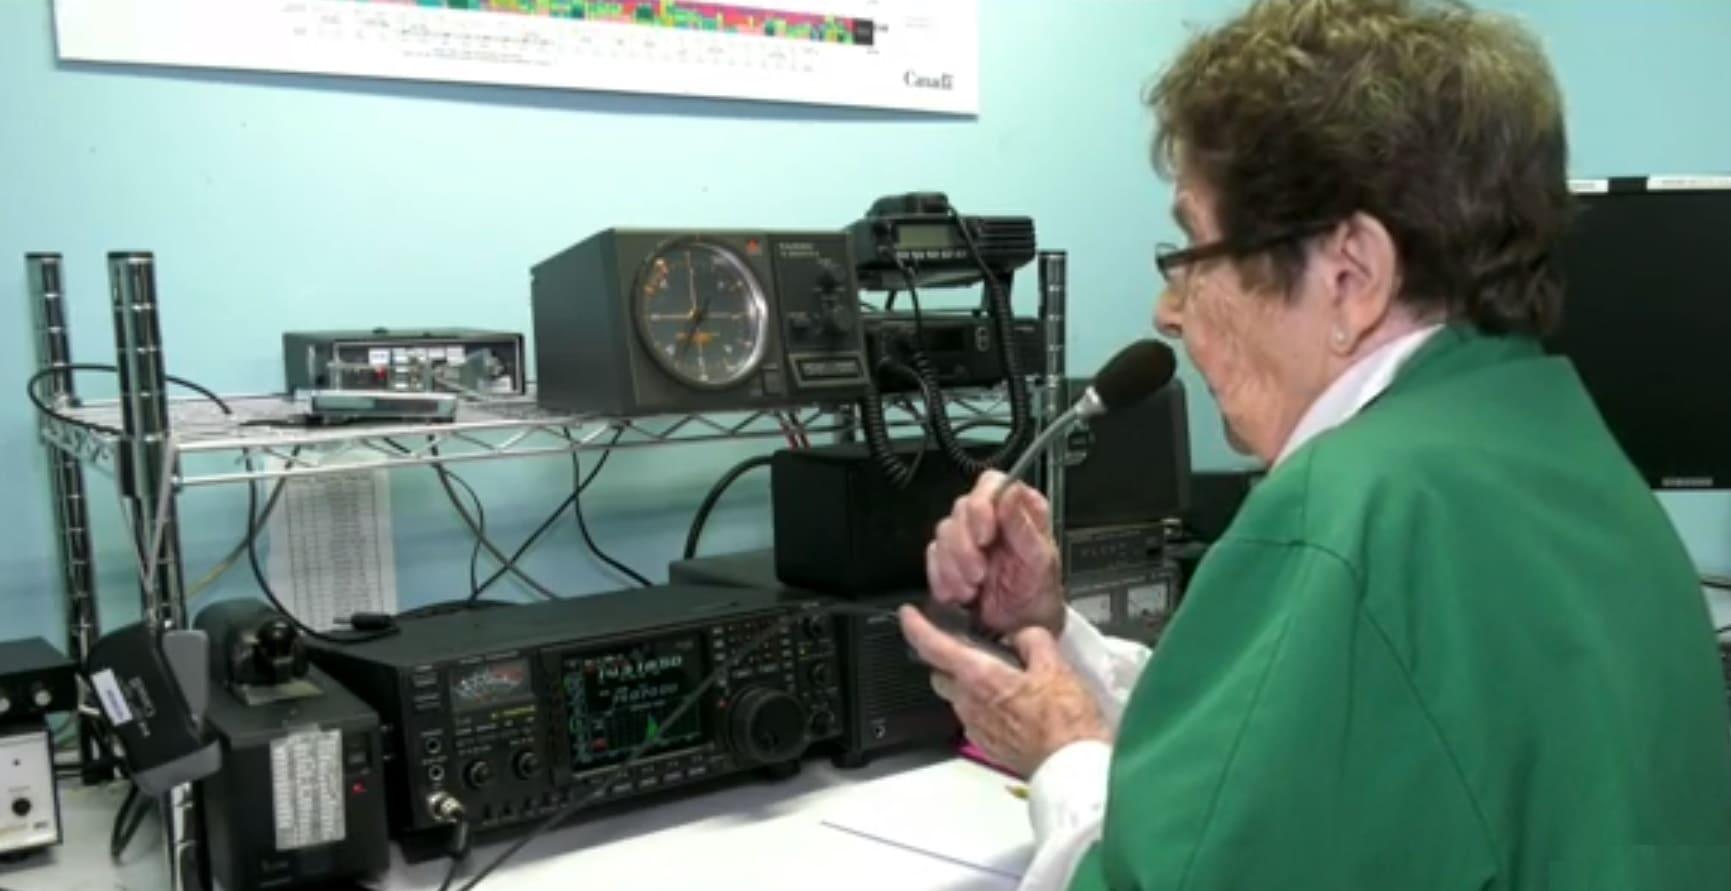 Бабуля всегда грезила наукой, а работала в теплице. Но в 96 лет мечта сбылась - она получила сигнал из космоса